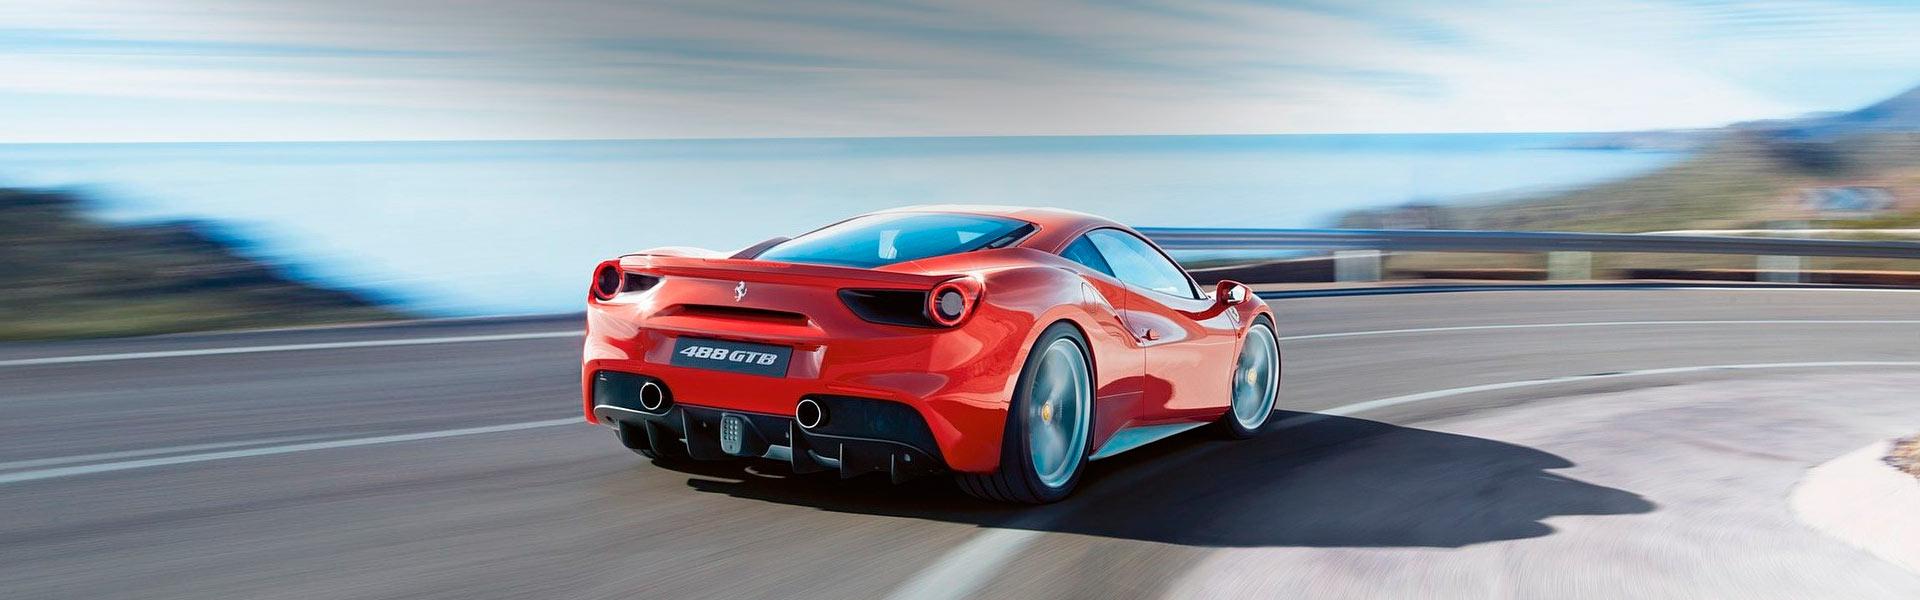 Замена коллектора Ferrari